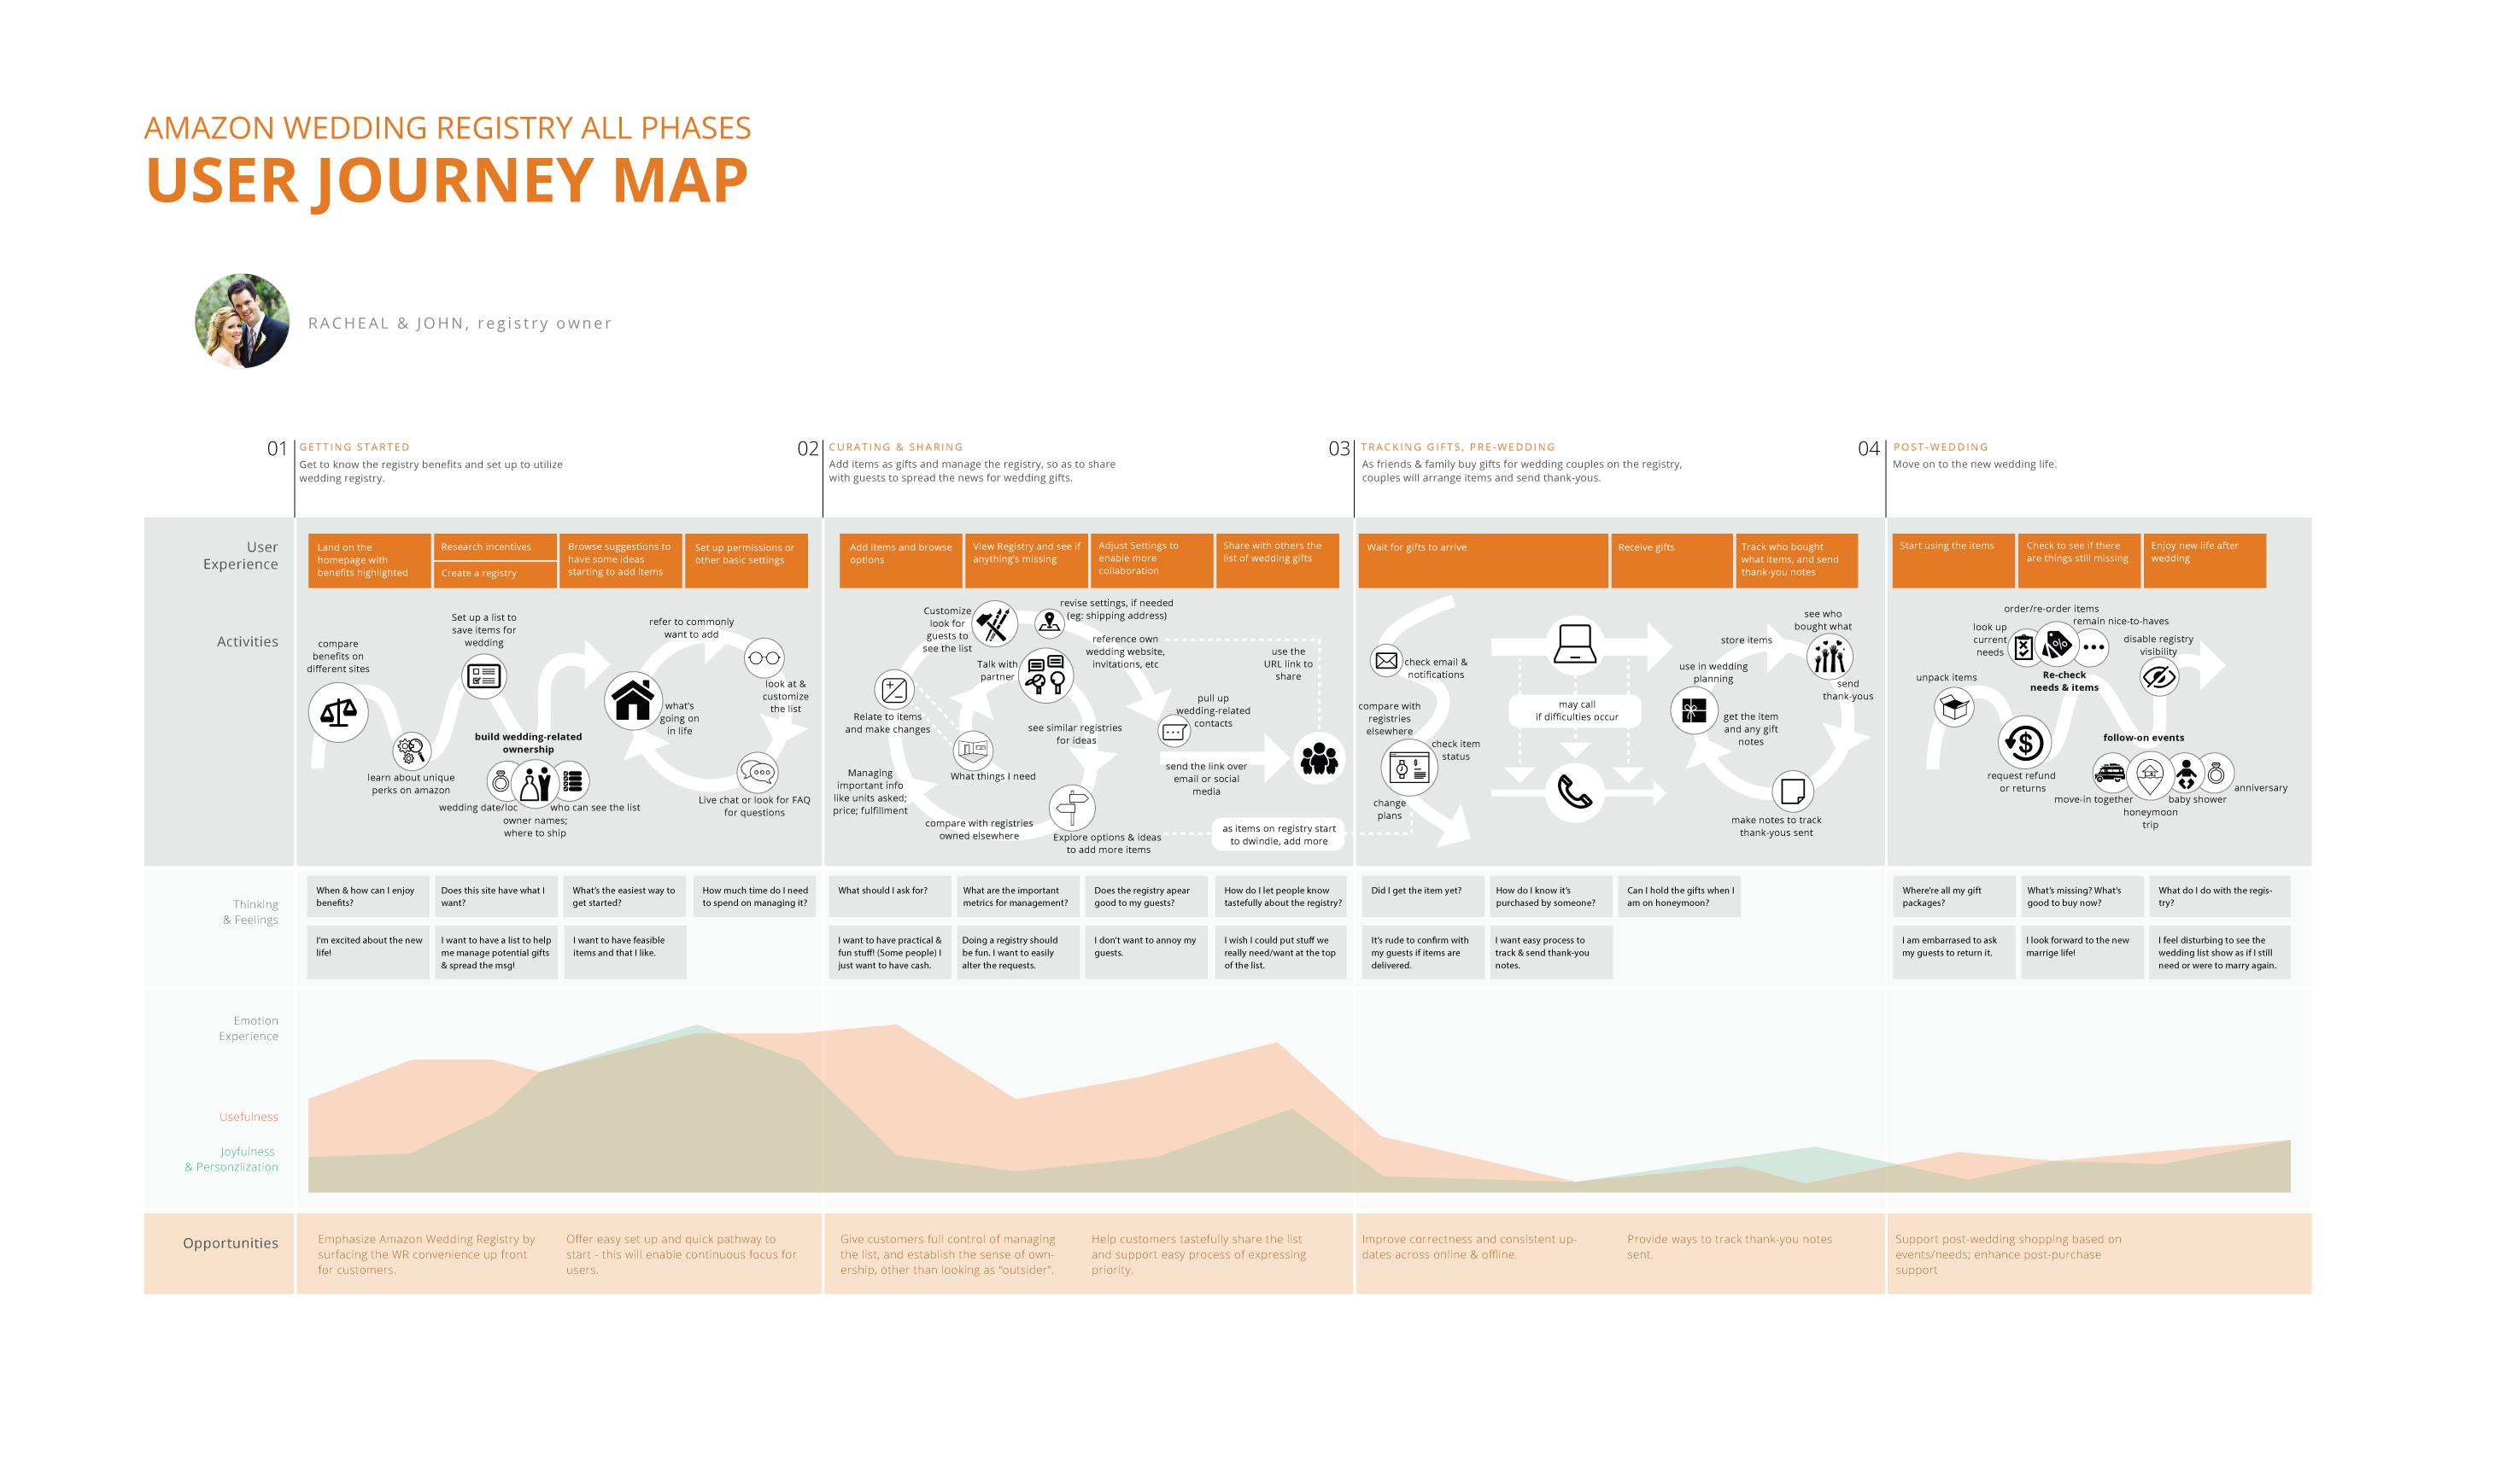 Journey-Map-break-down_v2-all-phases